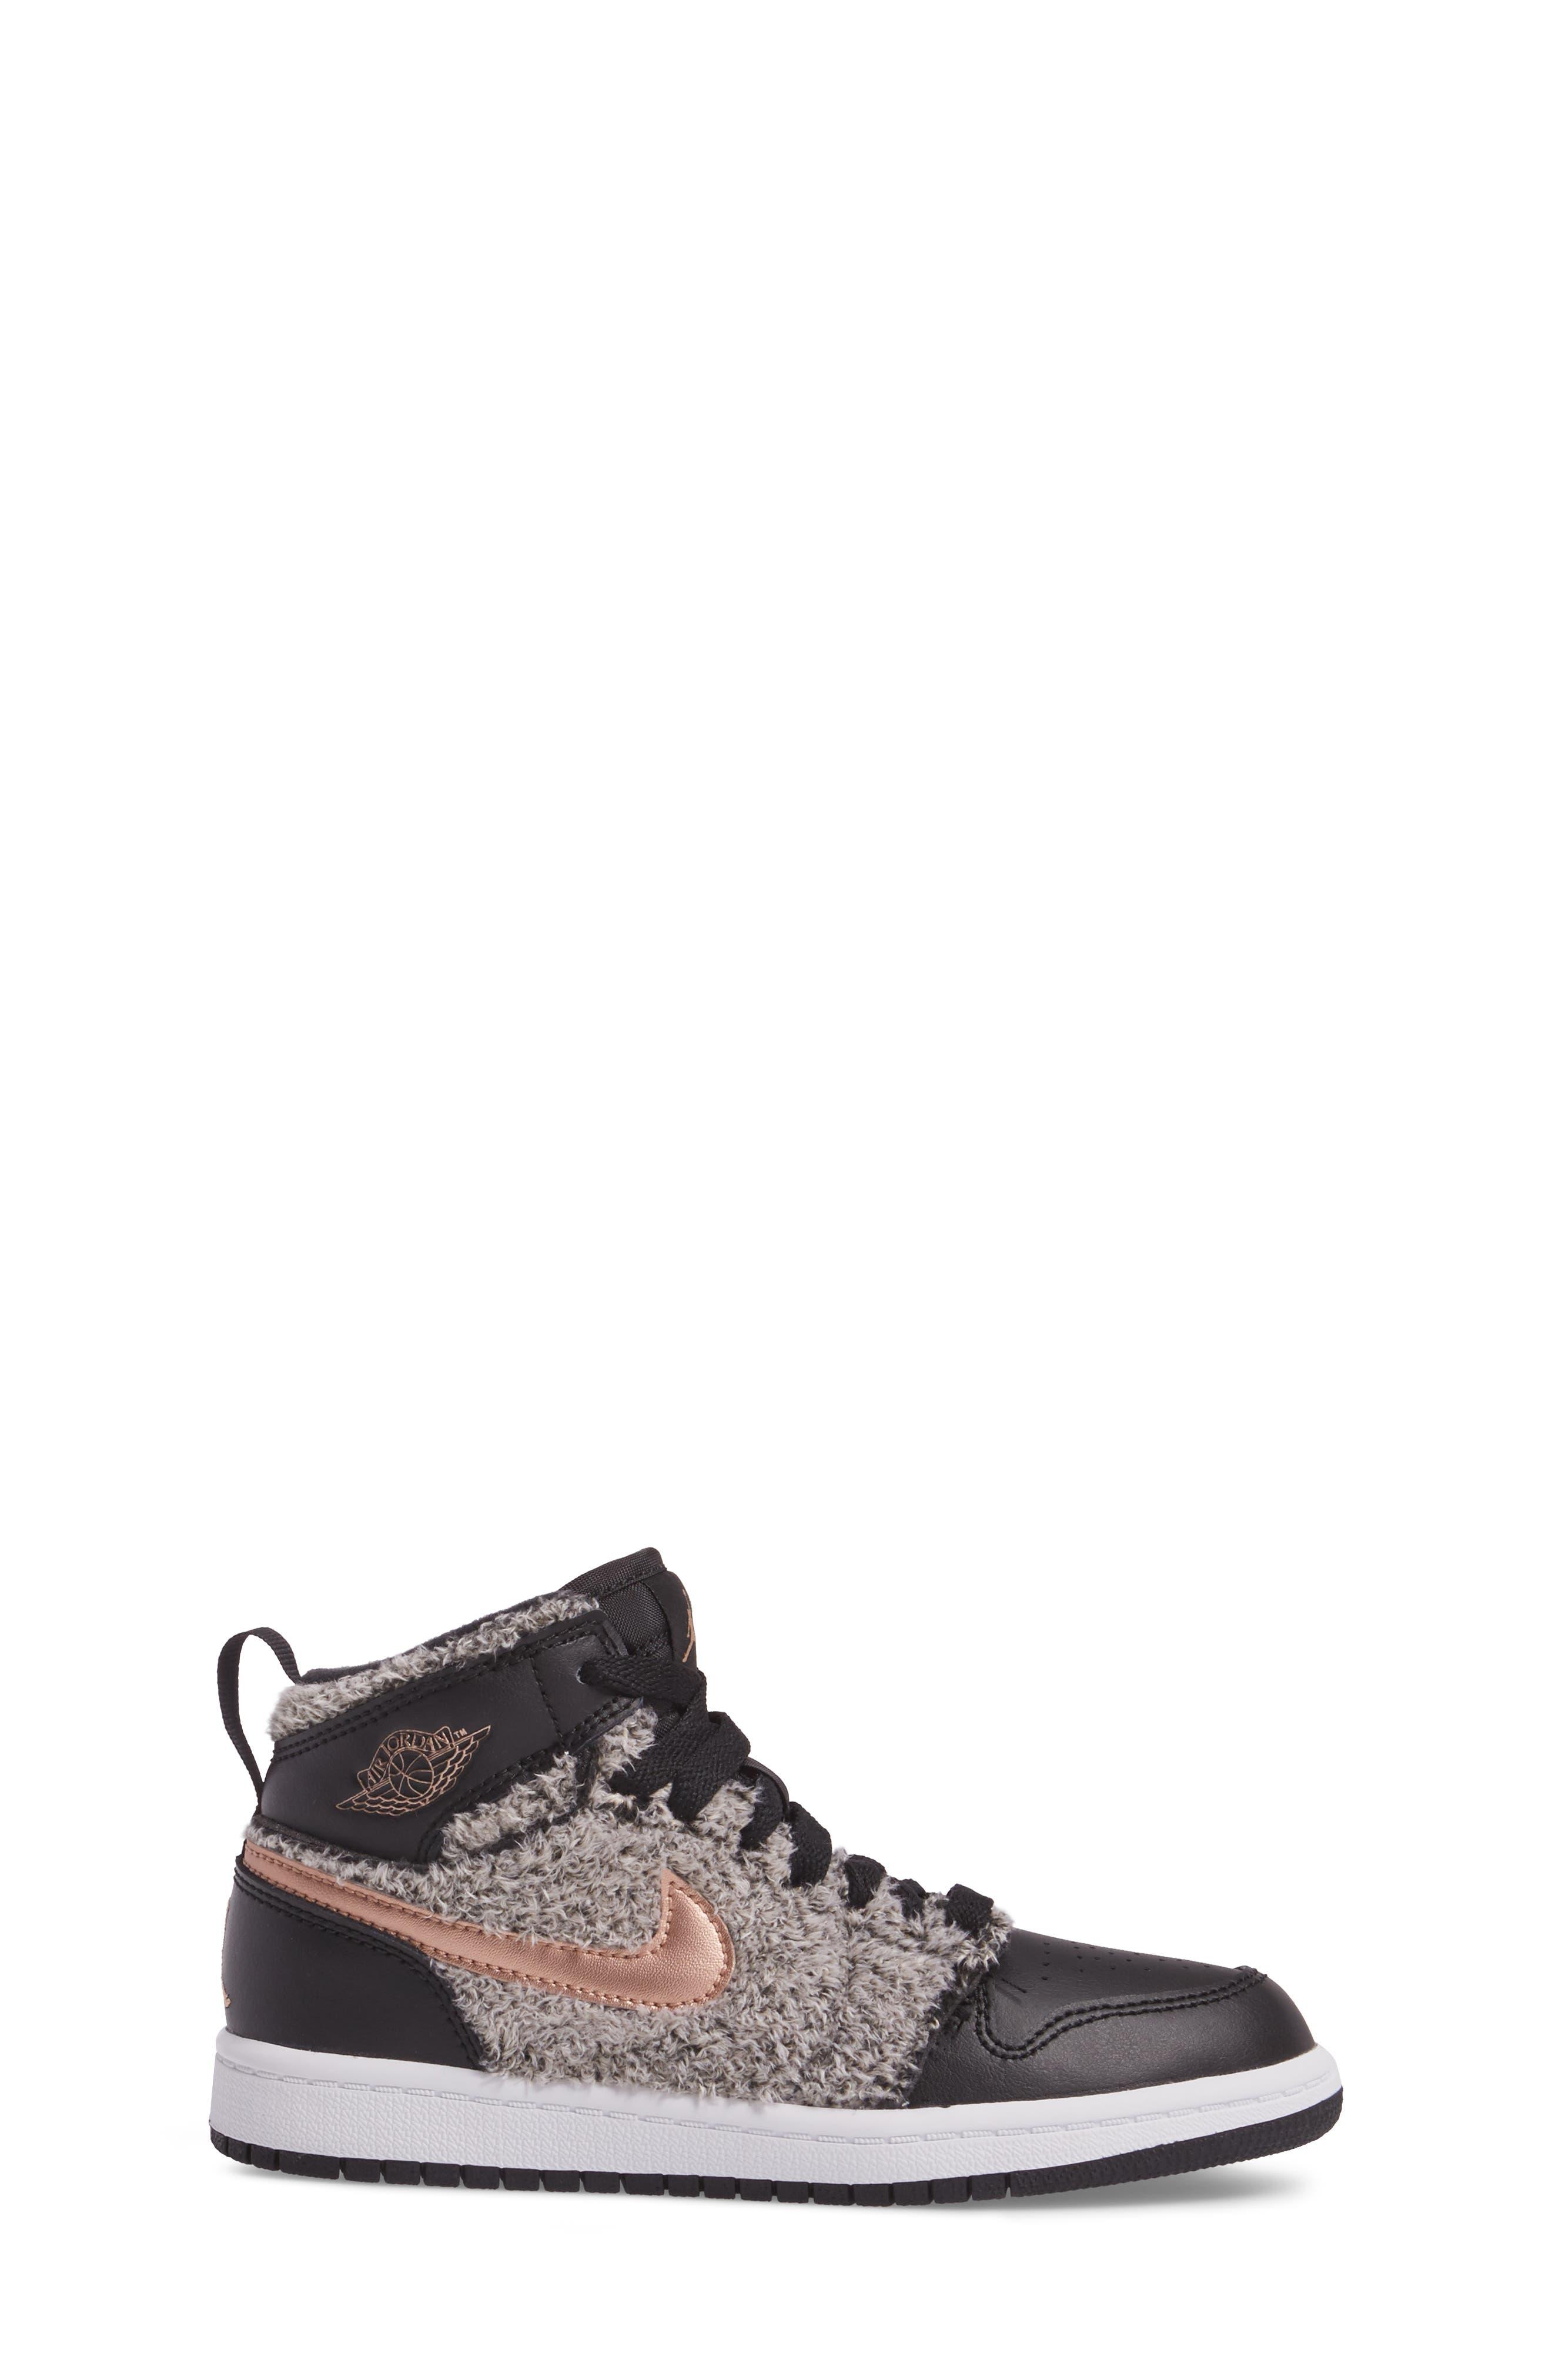 Nike Air Jordan 1 Retro Faux Fur High Top Sneaker,                             Alternate thumbnail 3, color,                             001